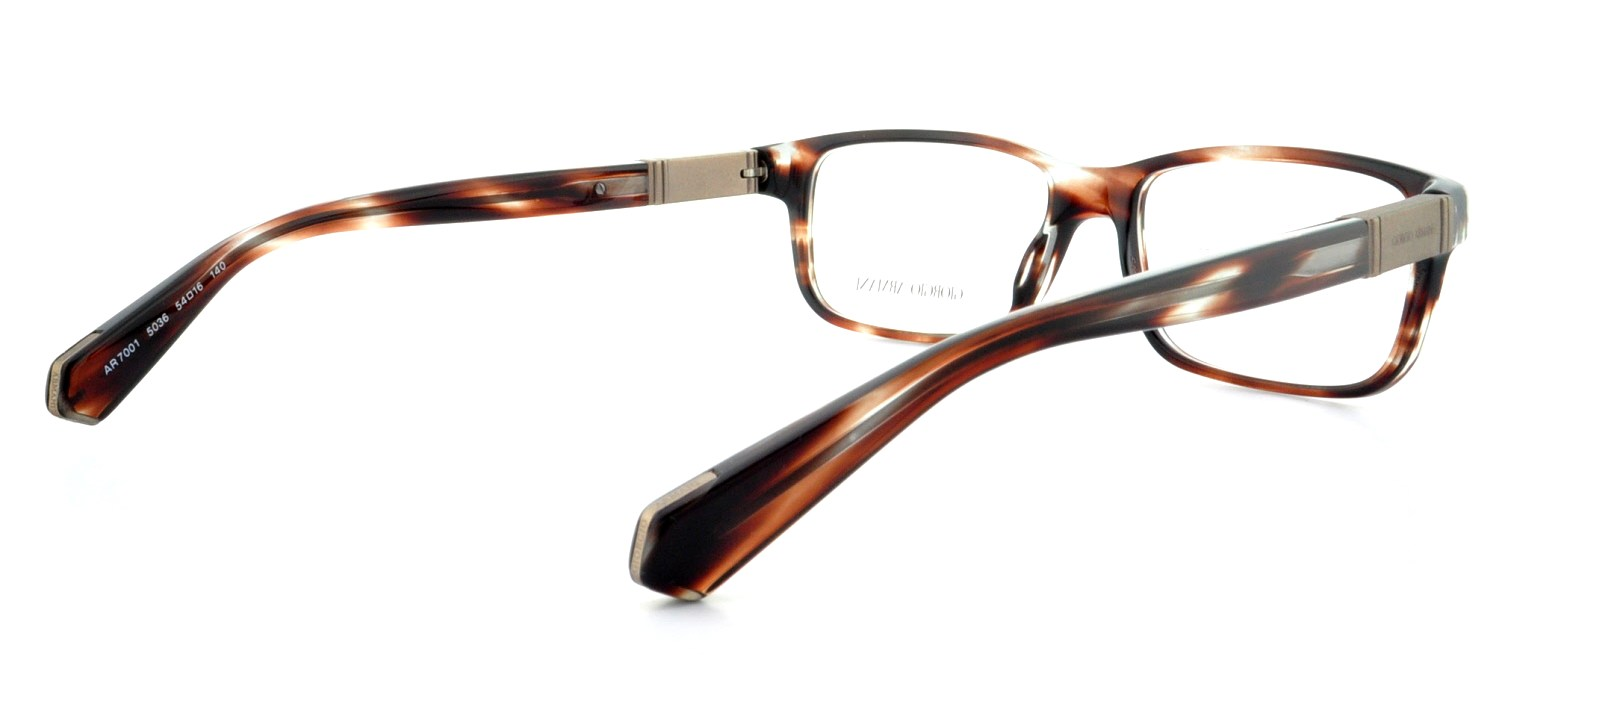 4a1b7a1e8241 Designer Frames Outlet. Giorgio Armani AR7001